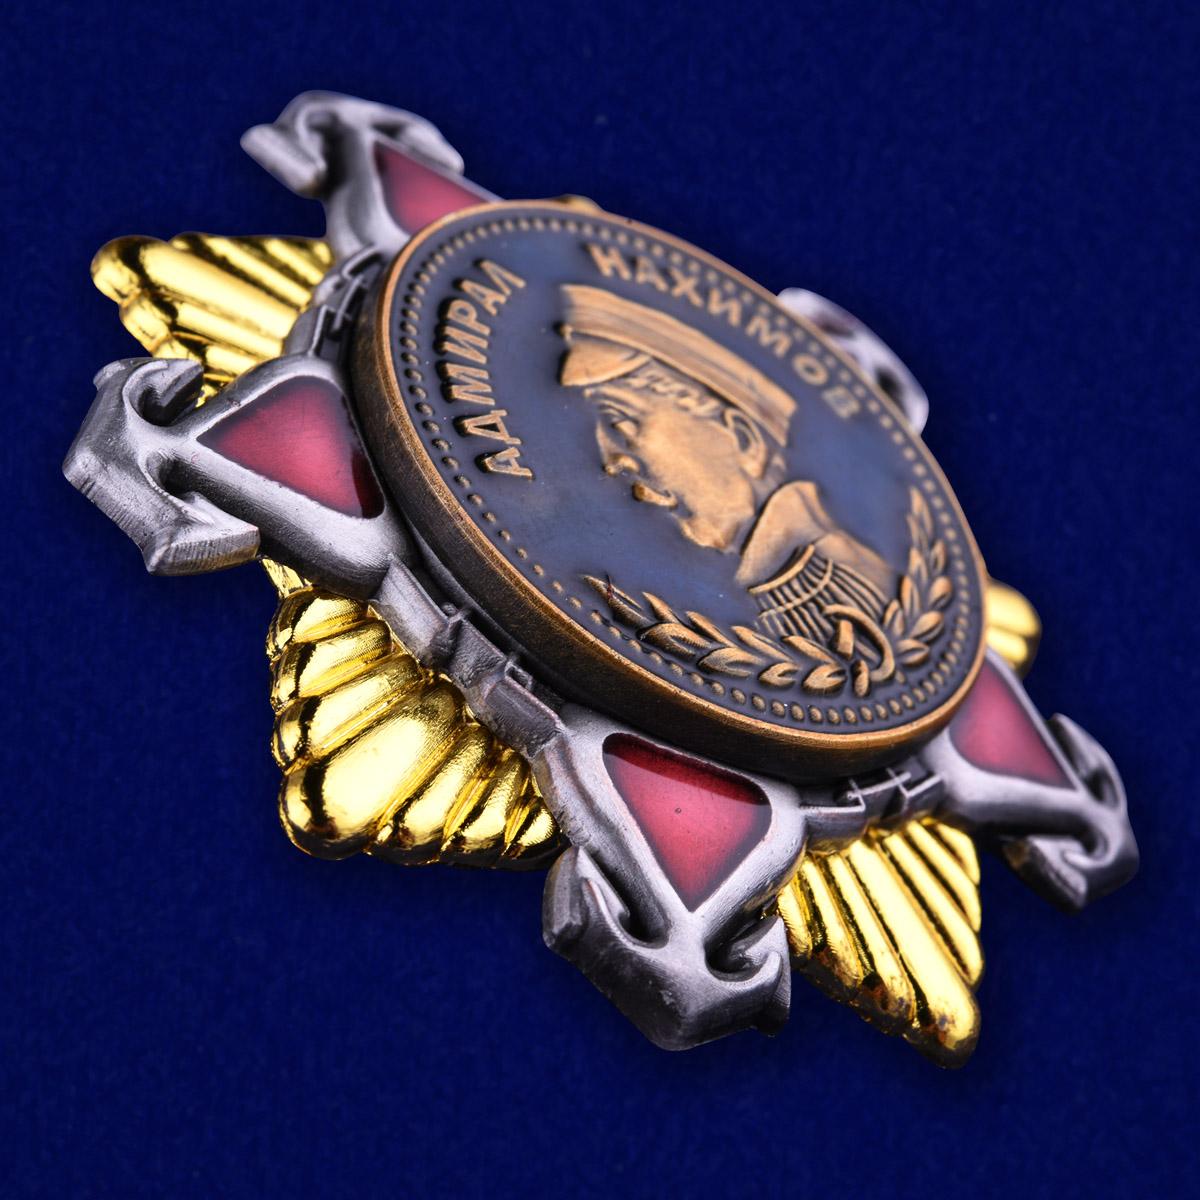 Орден Нахимова 1 степени (муляж) - в профиль